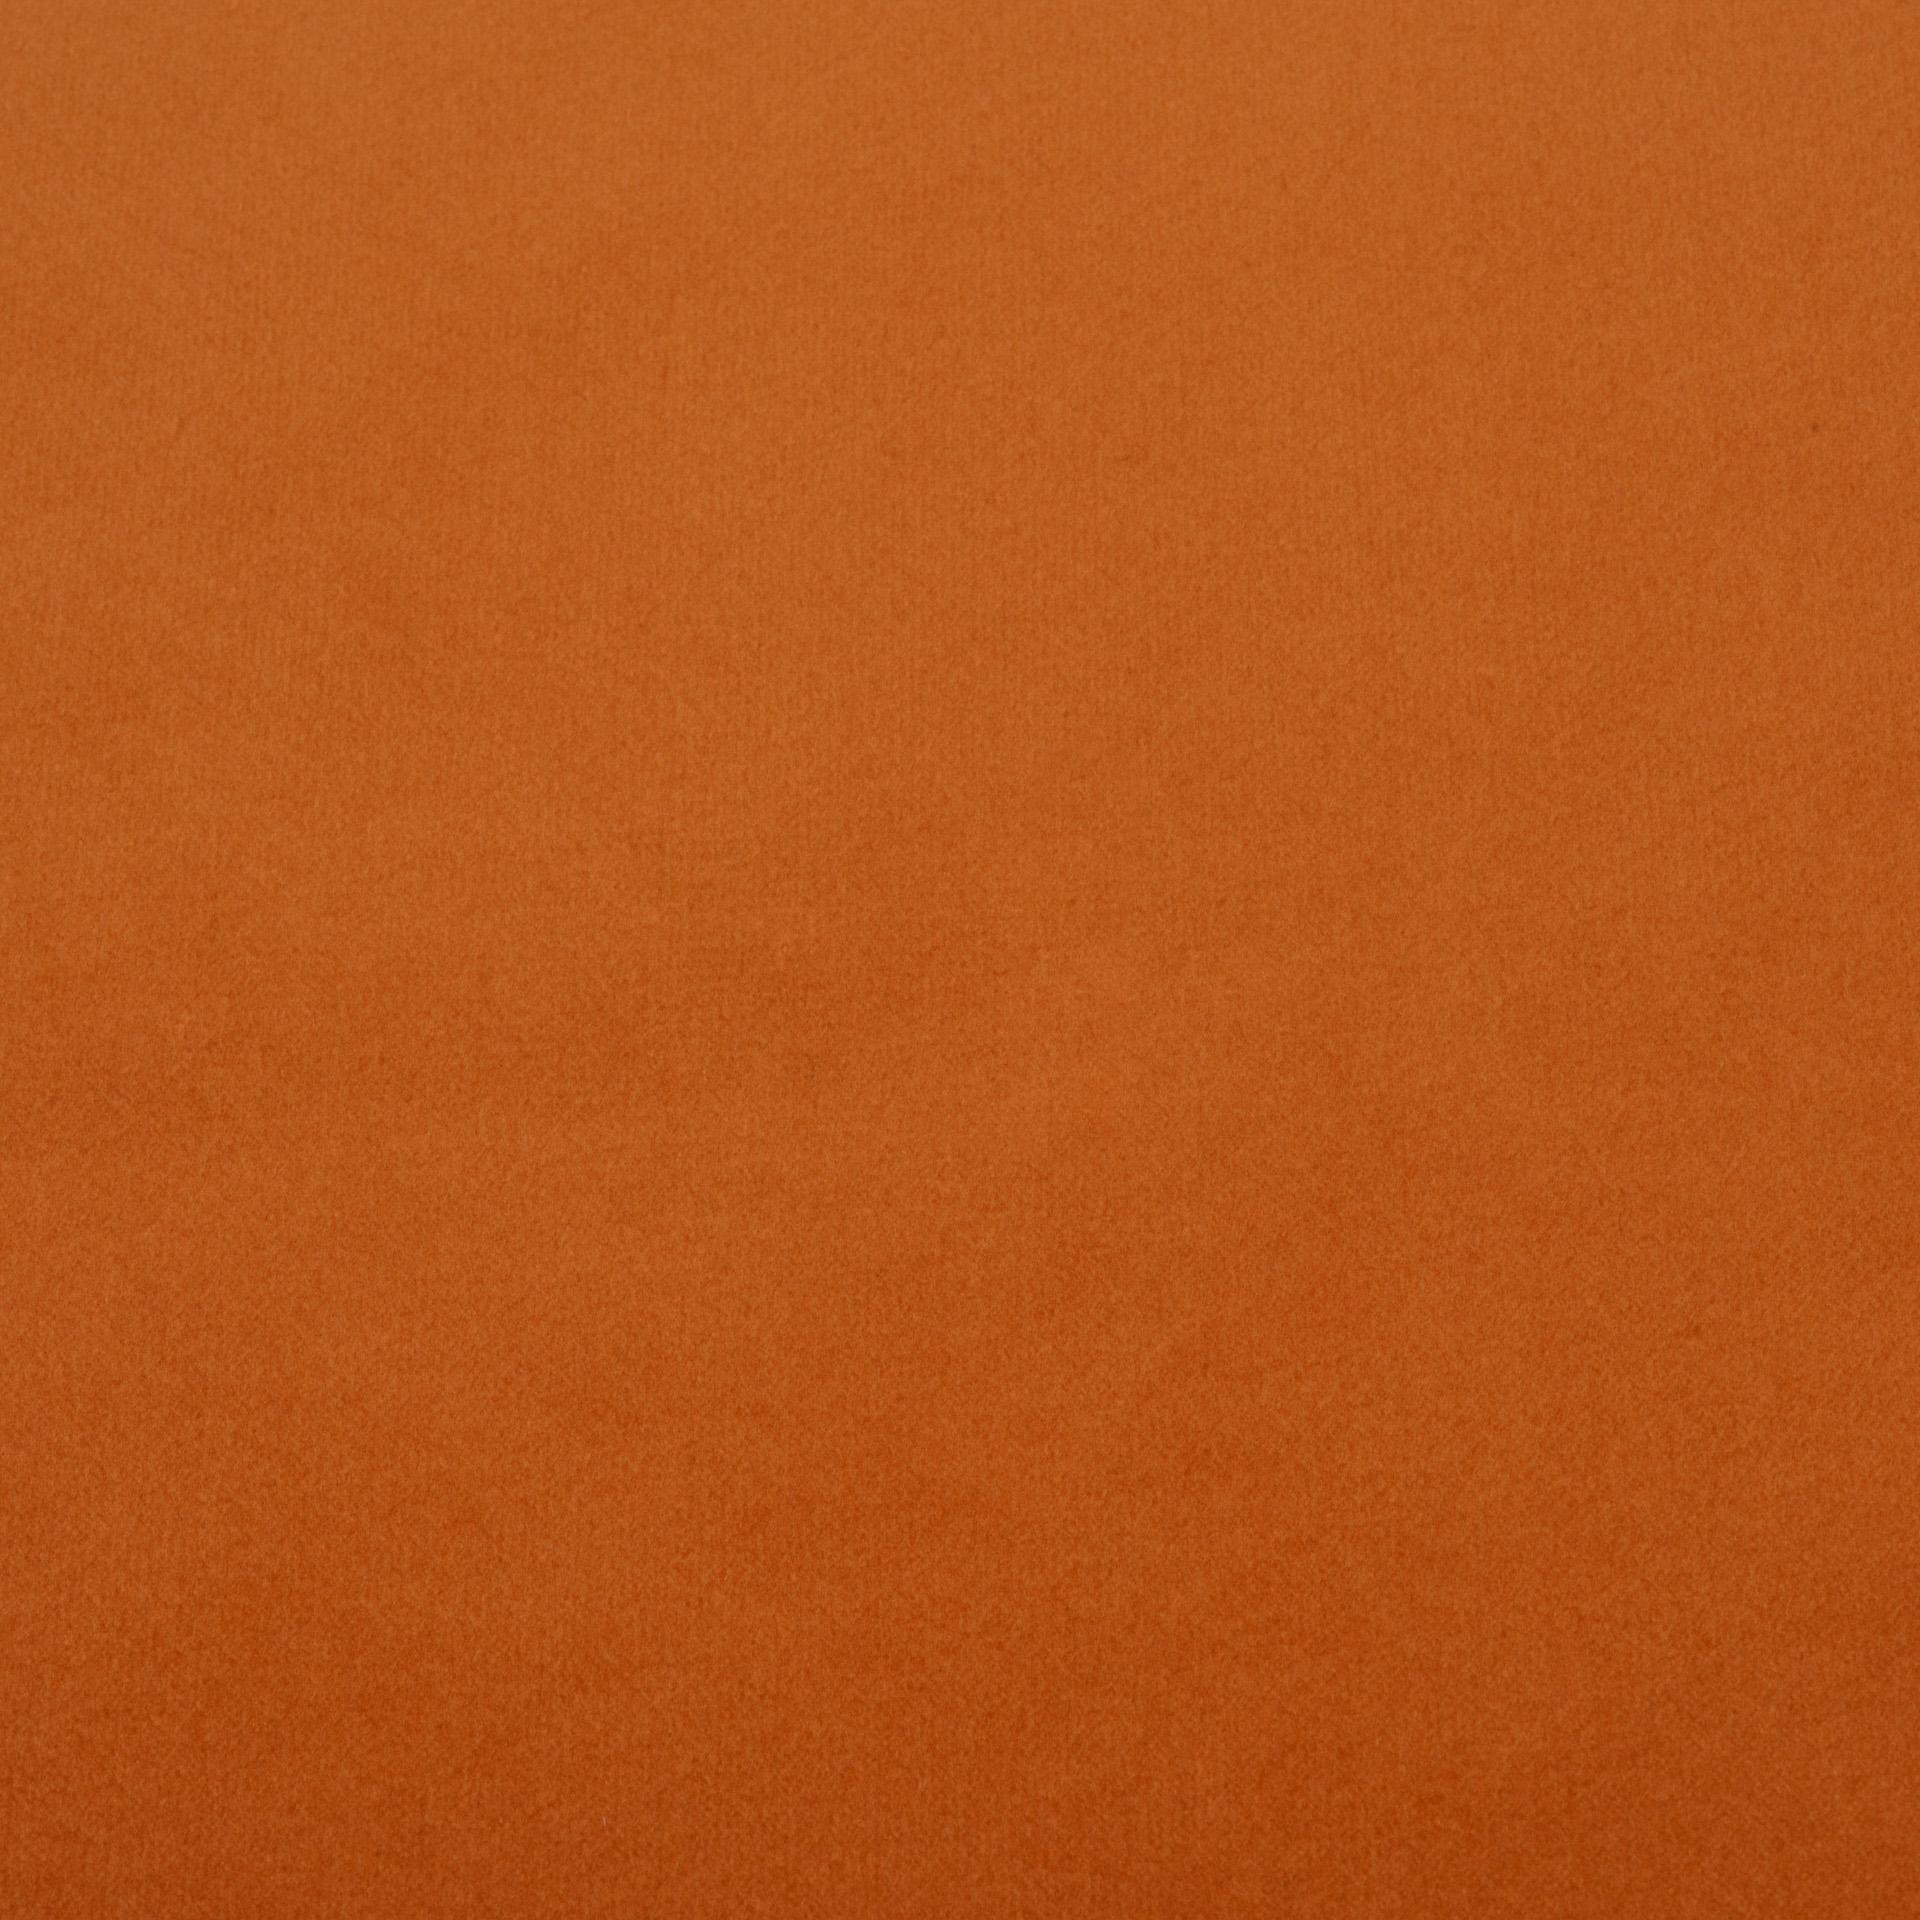 Коллекция ткани Багира 24 BABY CARROT,  купить ткань Велюр для мебели Украина